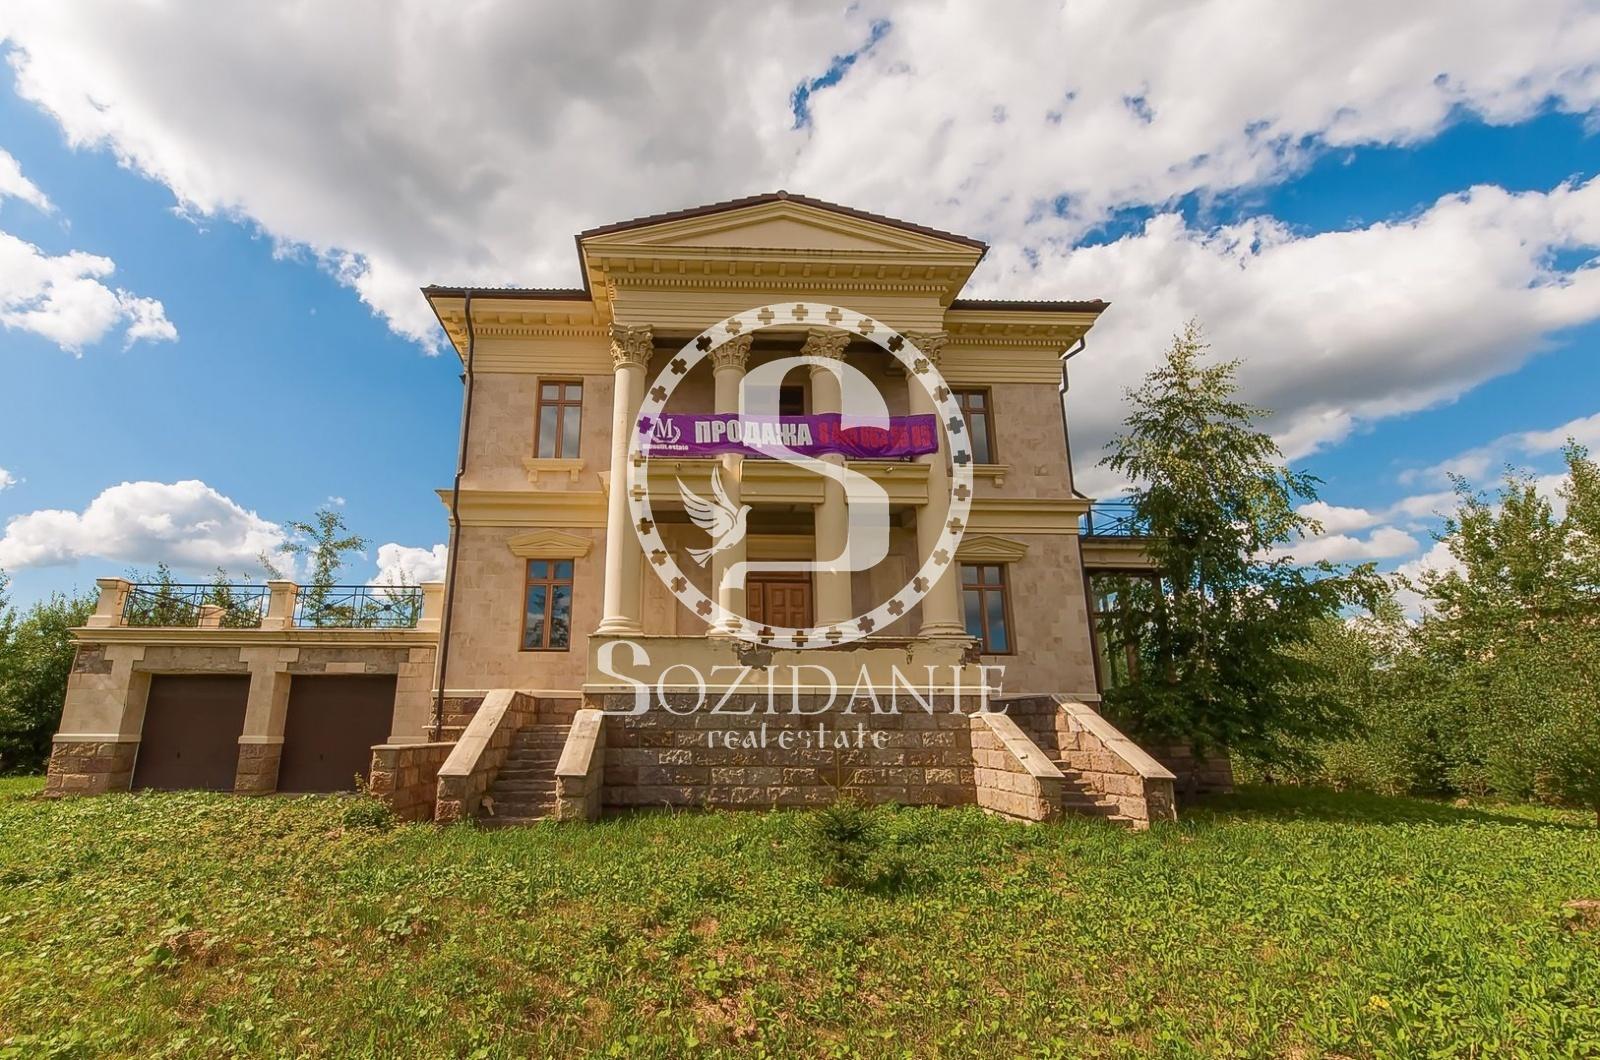 4 Bedrooms, Загородная, Продажа, Listing ID 1077, Московская область, Россия,